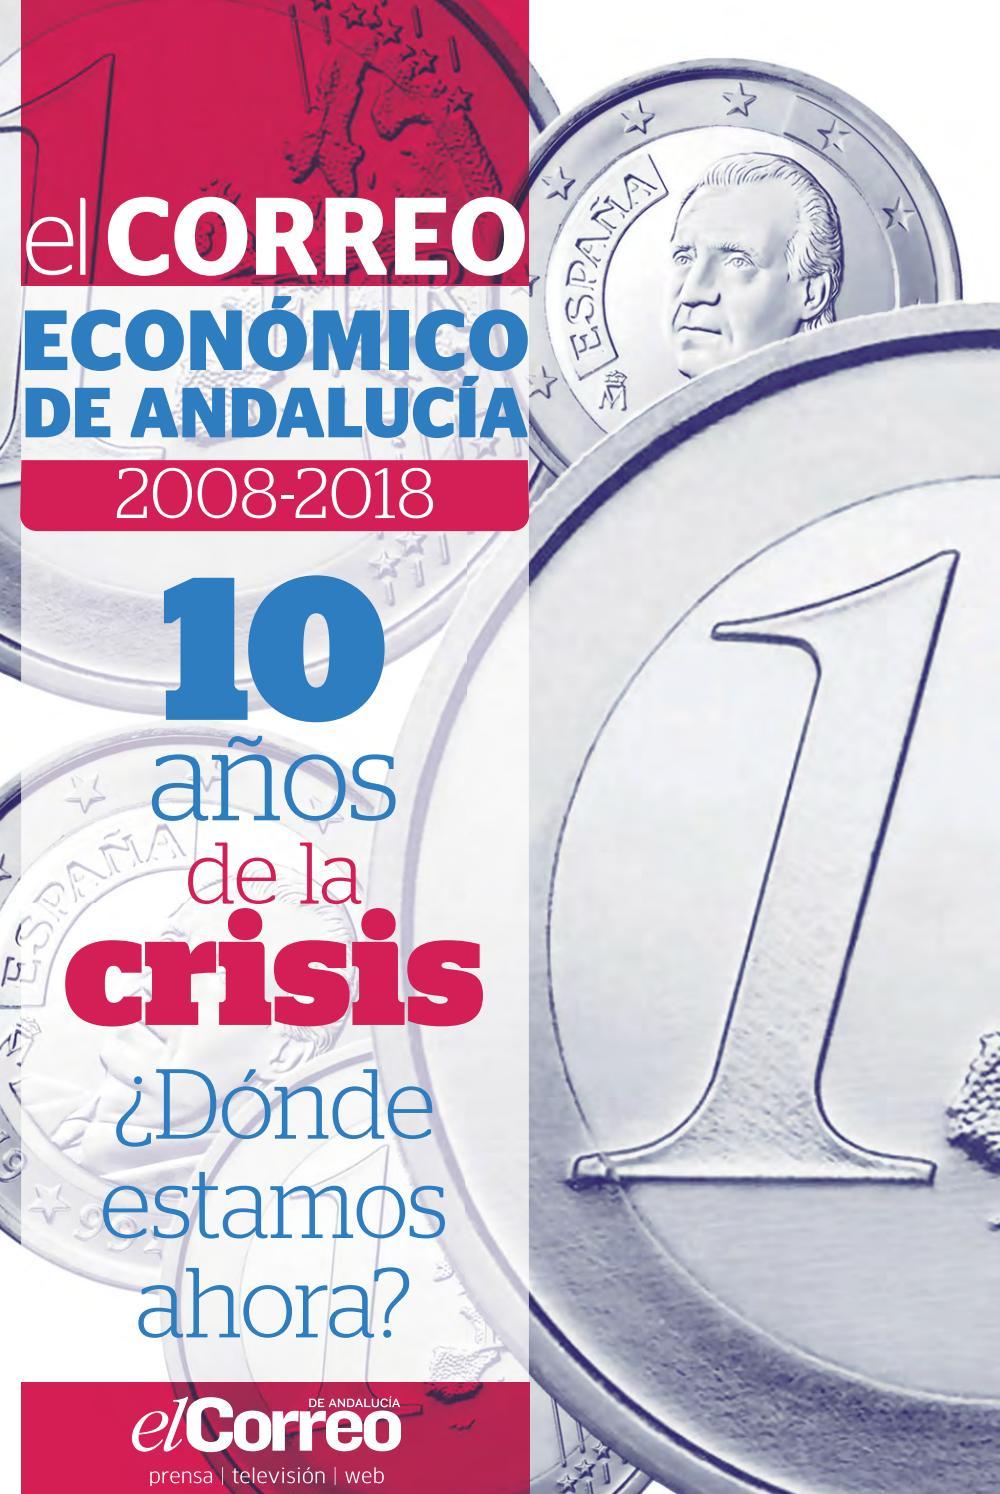 d967a3a6541 Anuario Económico El Correo de Andalucía 2018 by EL CORREO DE ANDALUCÍA  S.L. - issuu